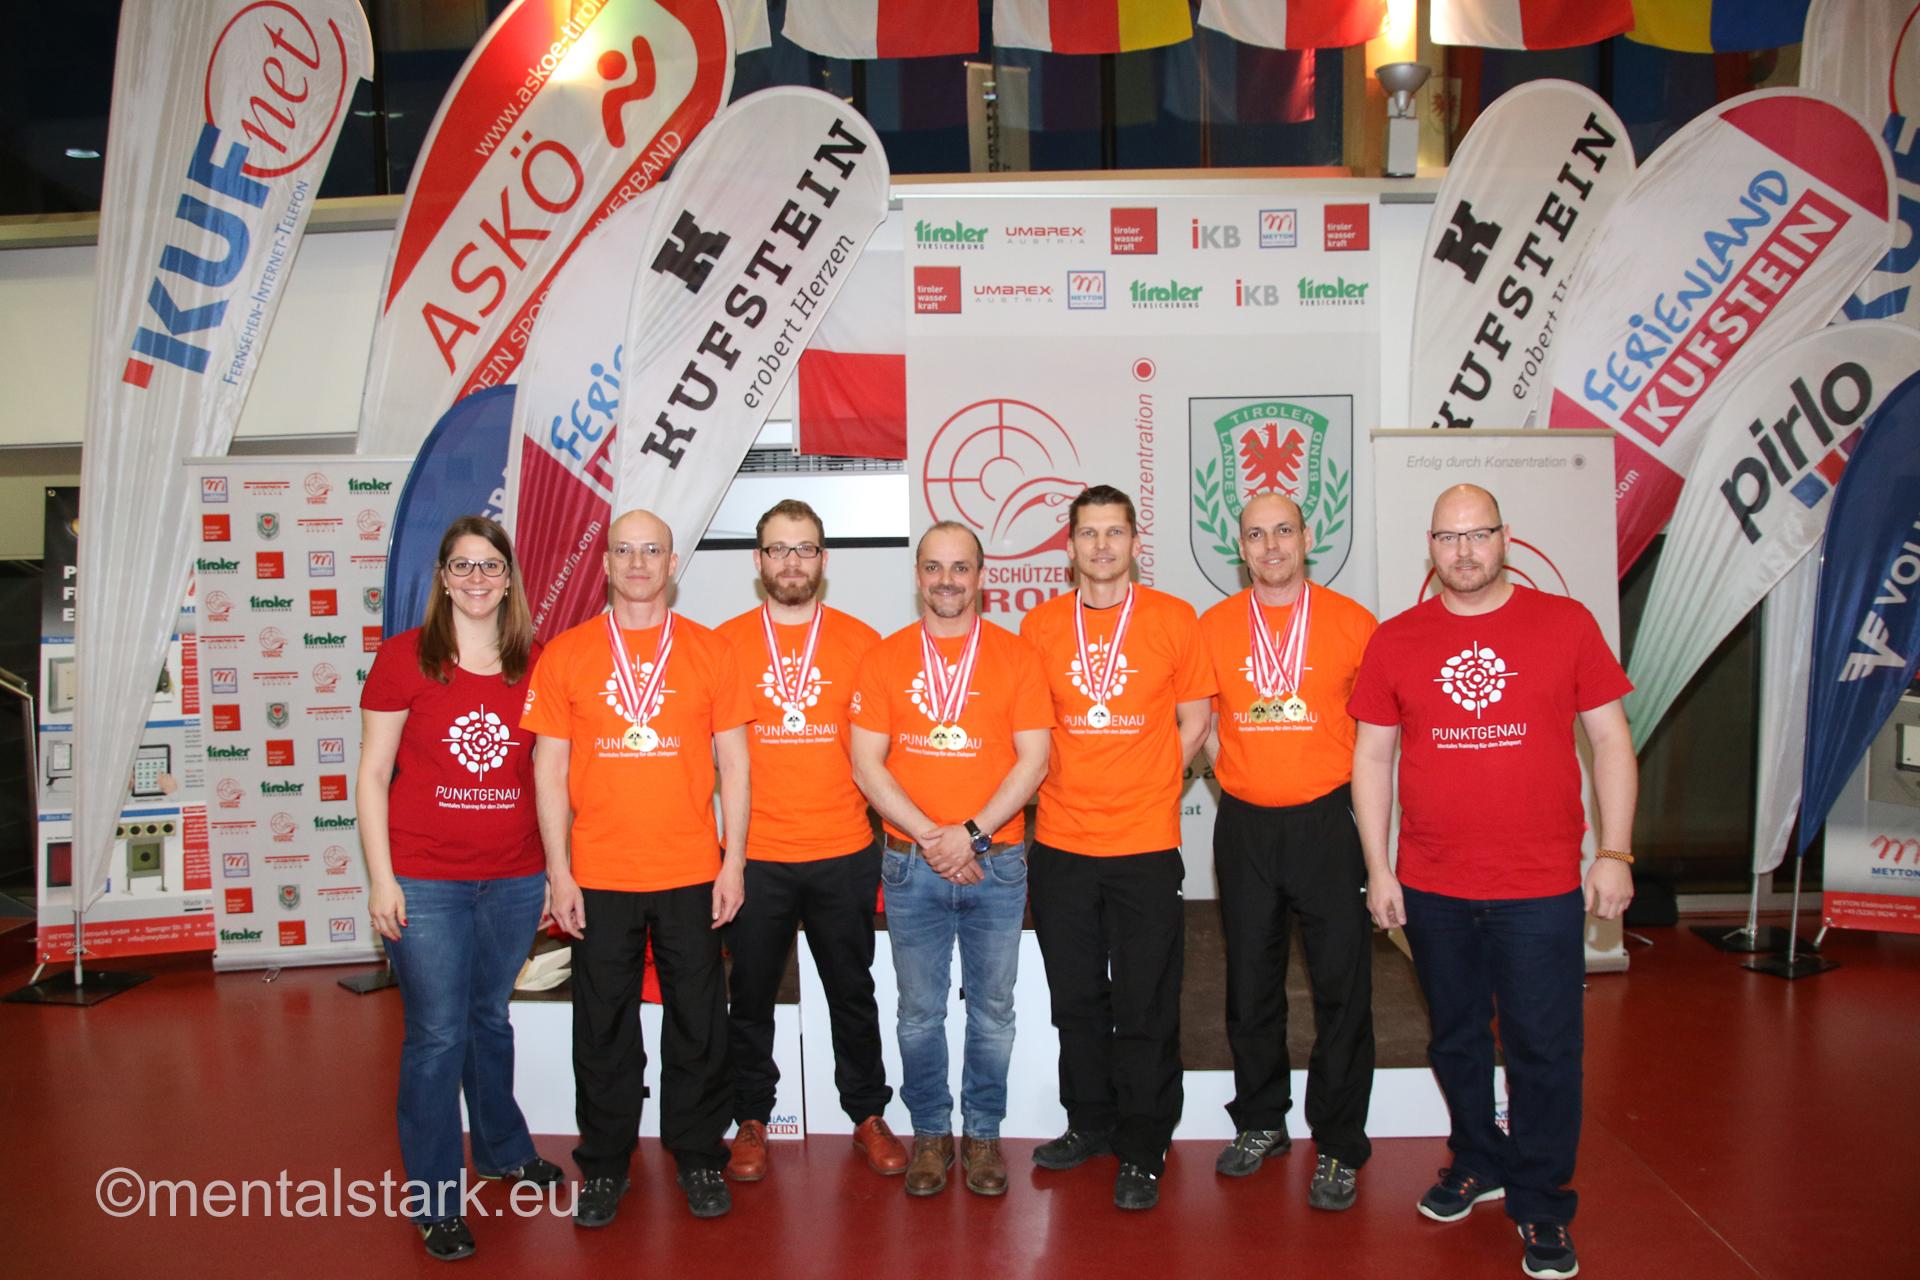 Schützen, die wir mental stärkten: Herbert Sailer, David Gstir, Willy Sailer, Alex Wutte und Rudi Sailer